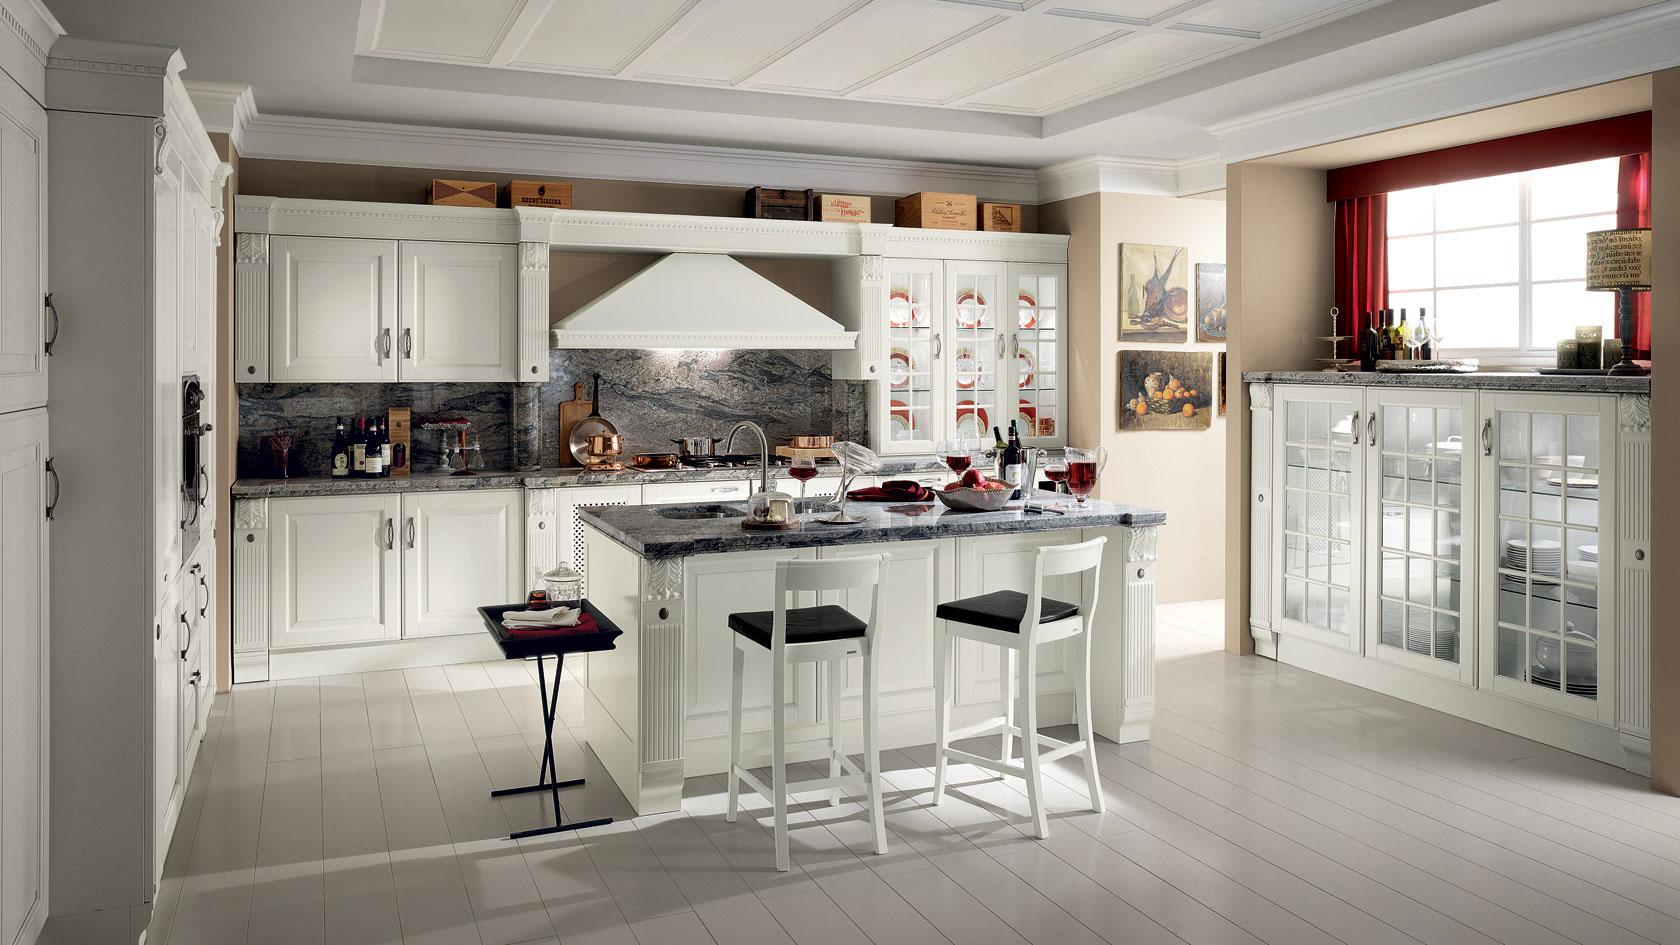 کابینت کلاسیک آشپزخانه رنگ سفید